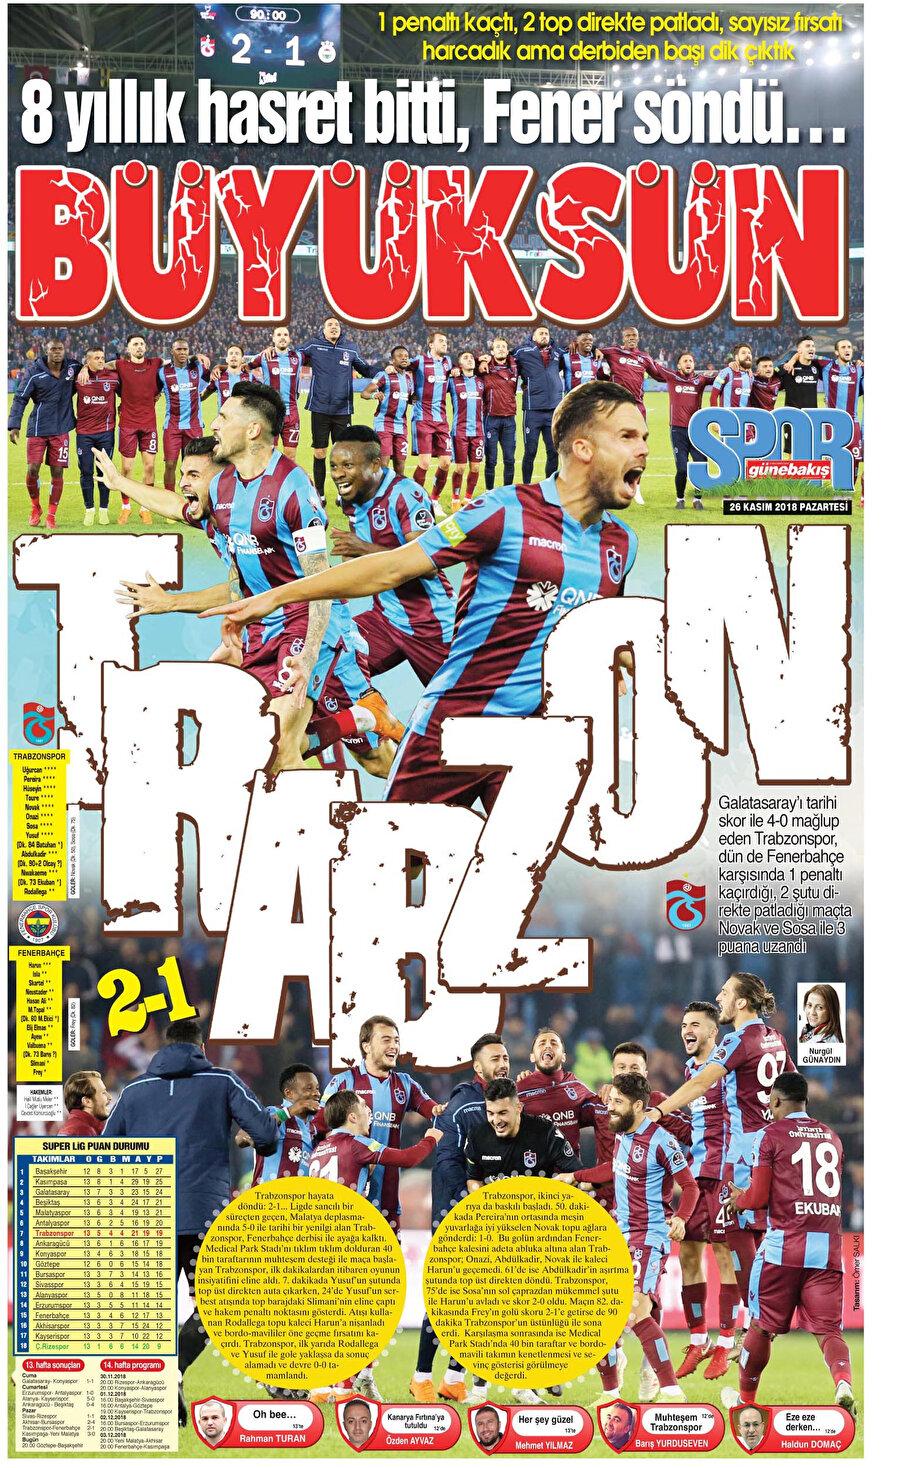 Yerel Gazeteler, atmış olduğu başlıklarla Trabzonspor'un zaferini okuyucularına duyurdular.